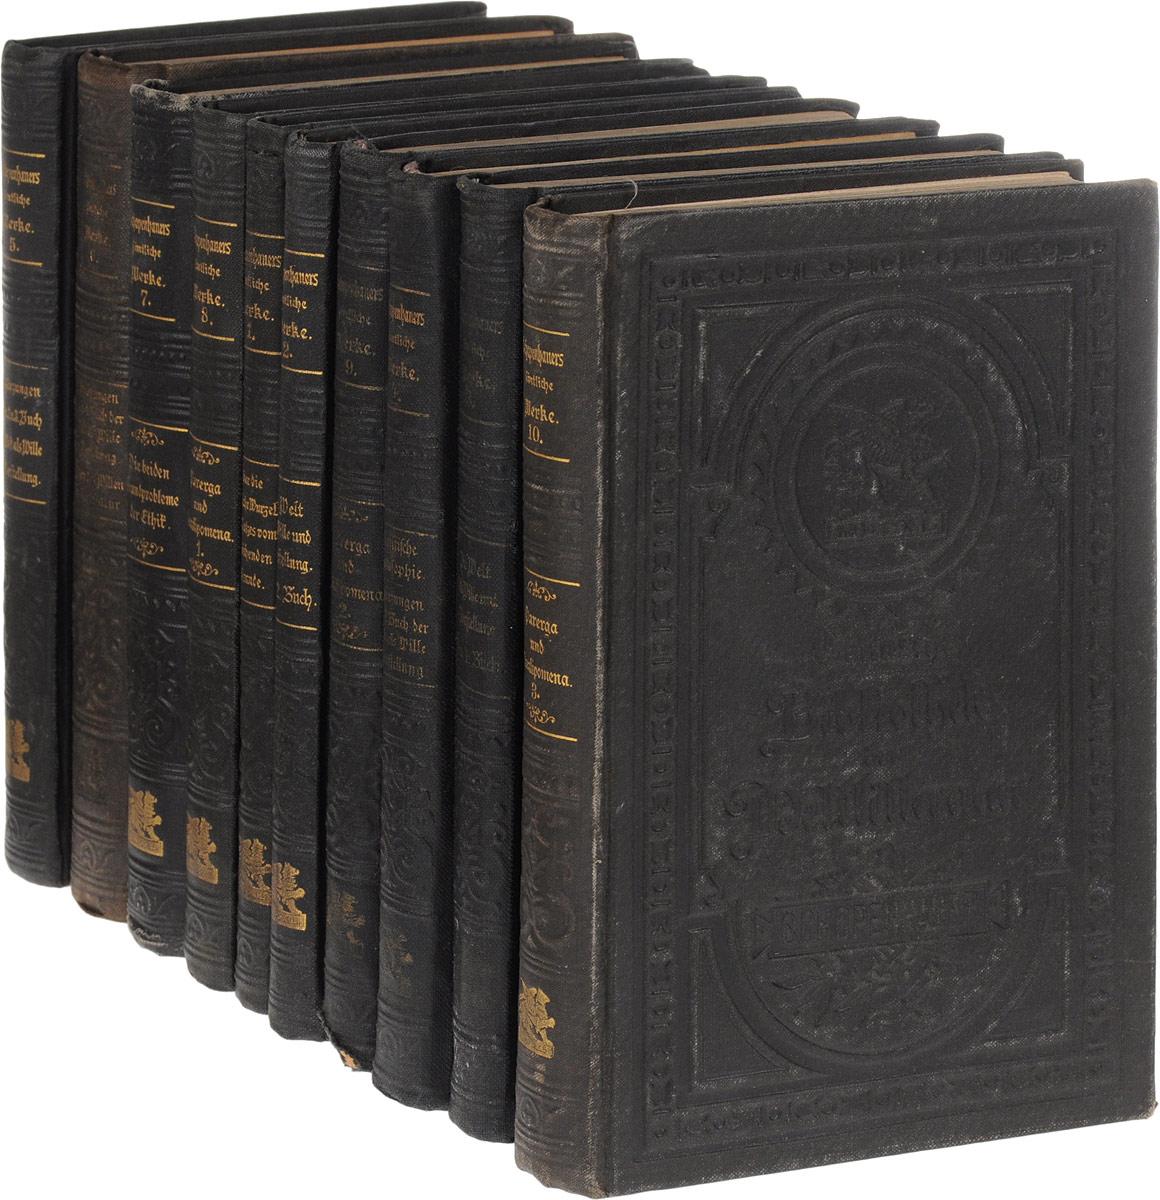 Arthur Schopenhauer's sammtliche Werke in zwolf Banden (комплект из 10 книг, отсутствует 11 и 12 тома) die st petri gemeinde zwei jahrhunderte evangelischen gemeindelebens in st petersburg